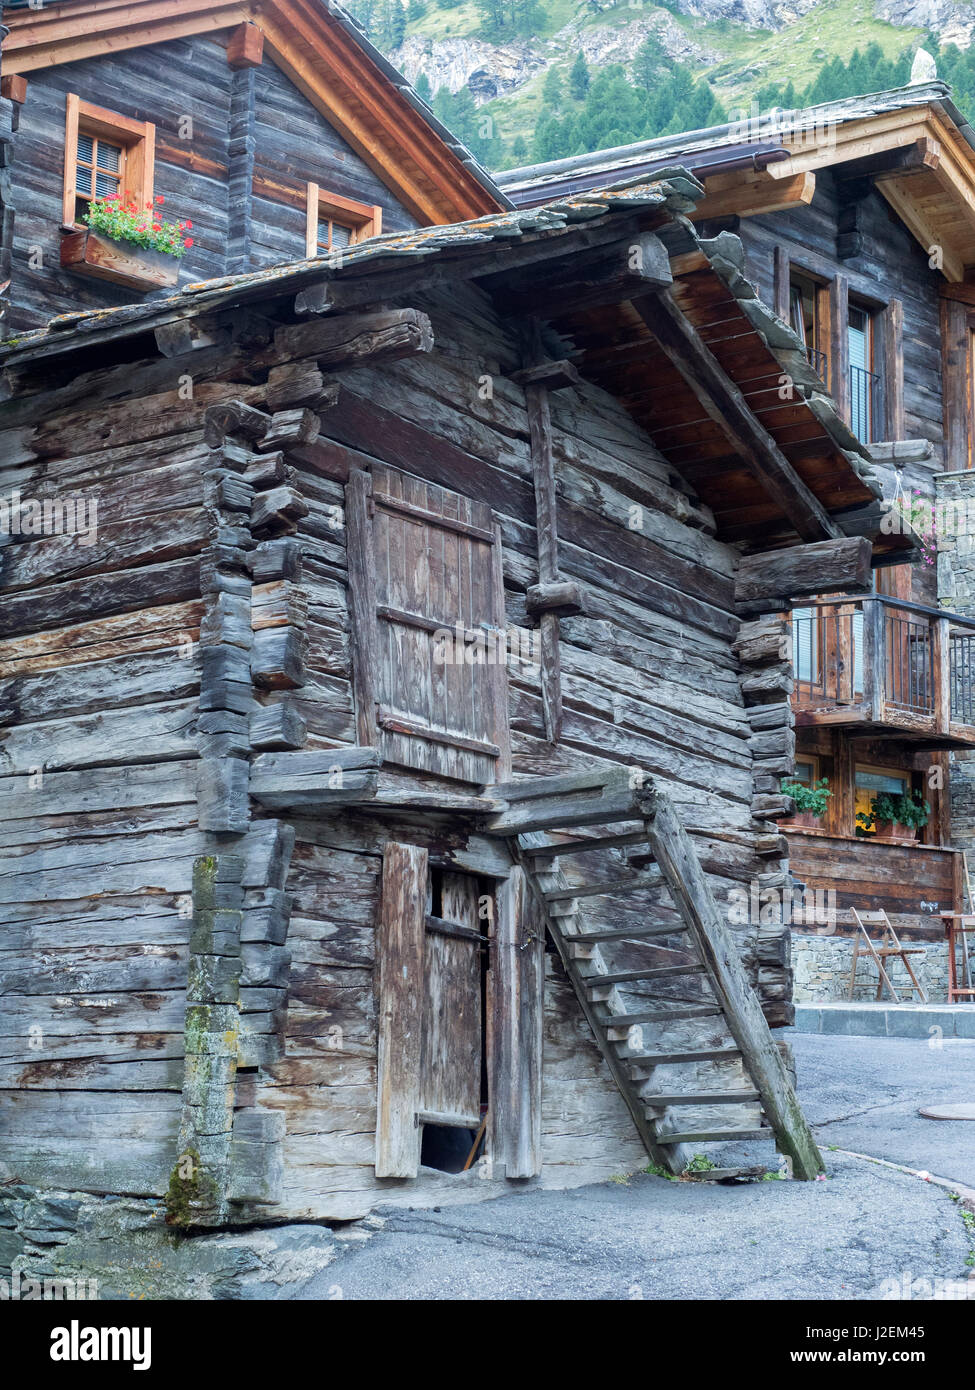 hinterdorf old zermatt switzerland stockfotos hinterdorf. Black Bedroom Furniture Sets. Home Design Ideas